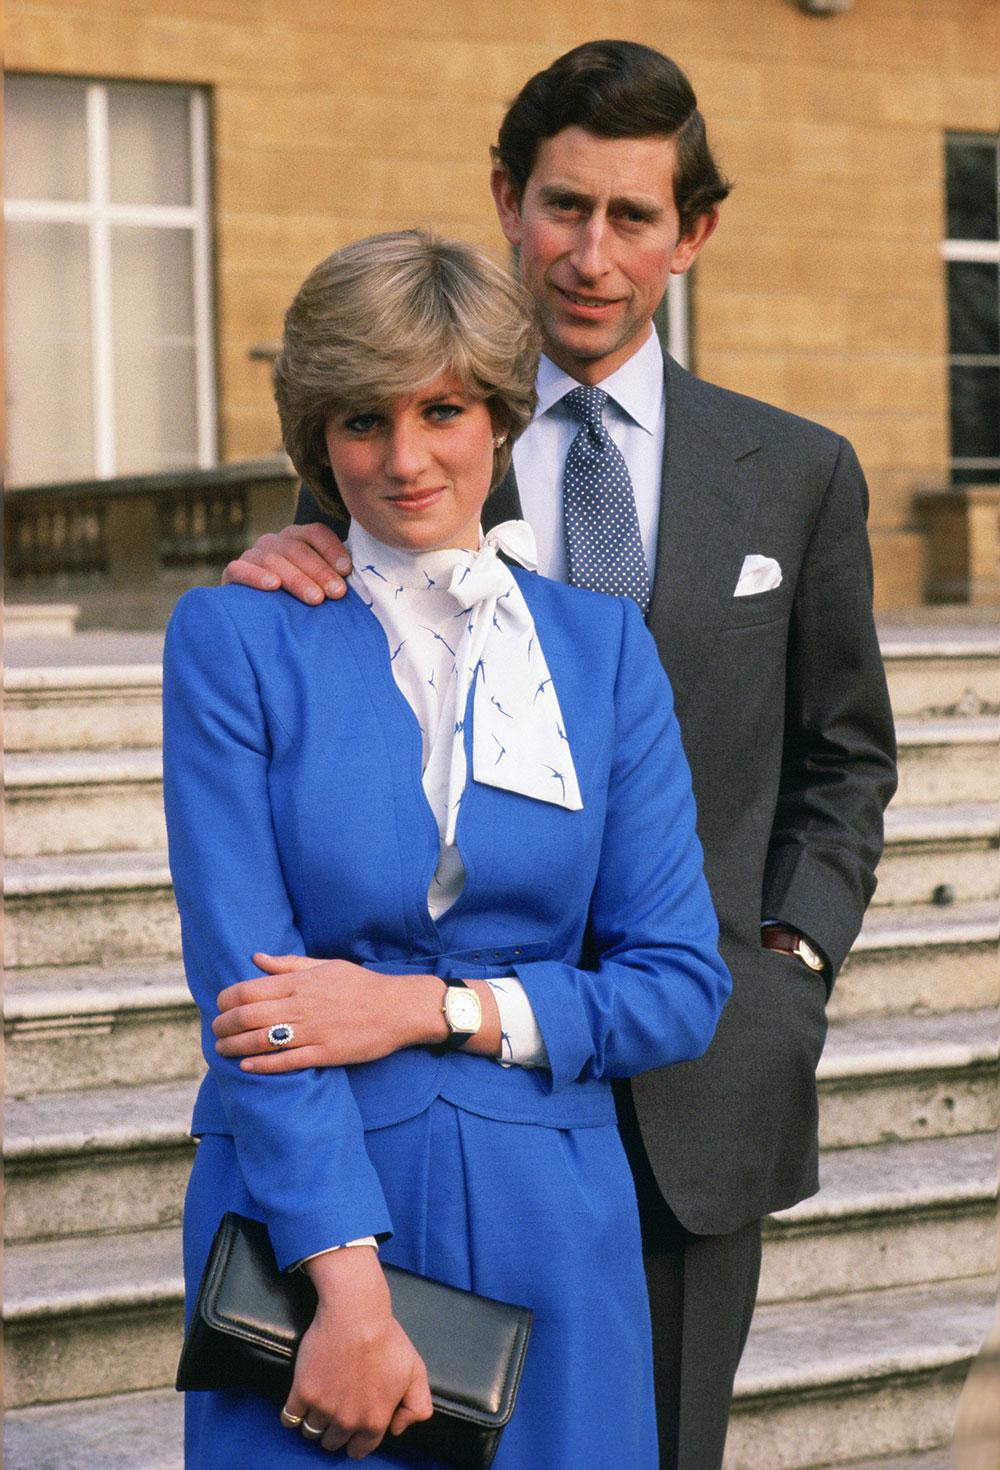 Er måten The Crown fremstiller ekteskapet mellom prinsesse Diana og prins Charles på riktig?